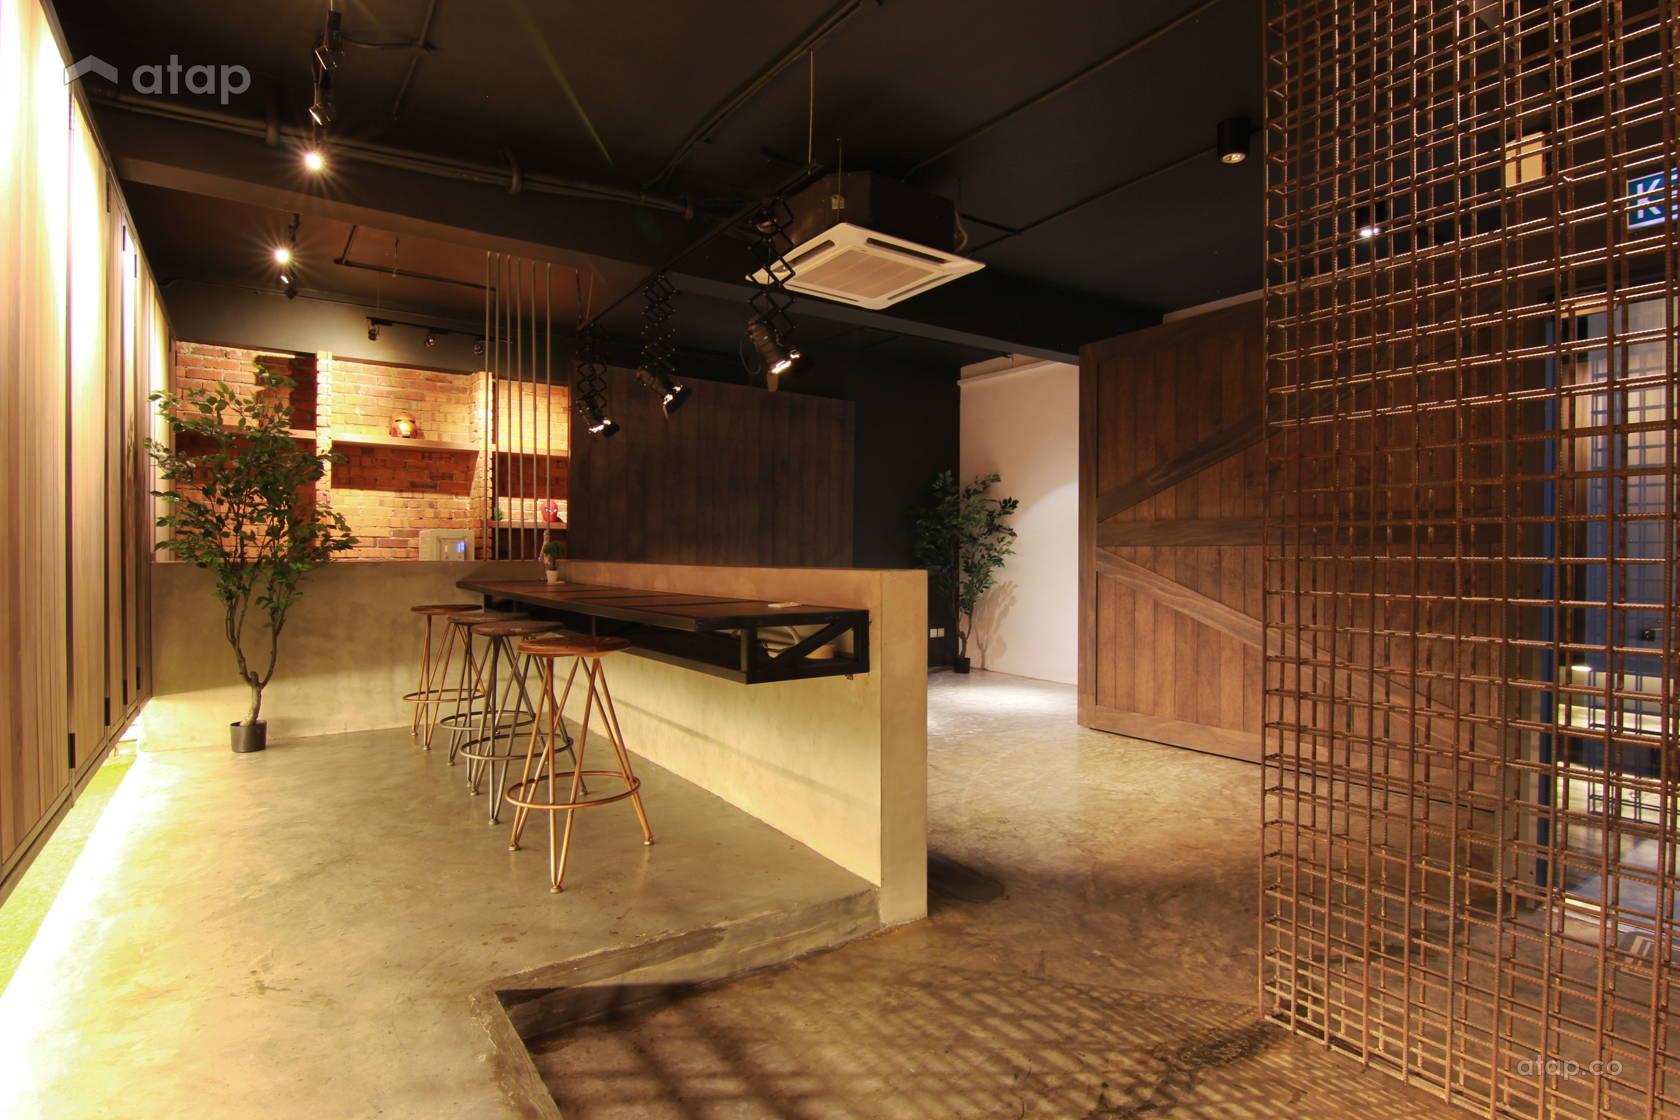 Industrial Rustic Living Room @ De Gallery